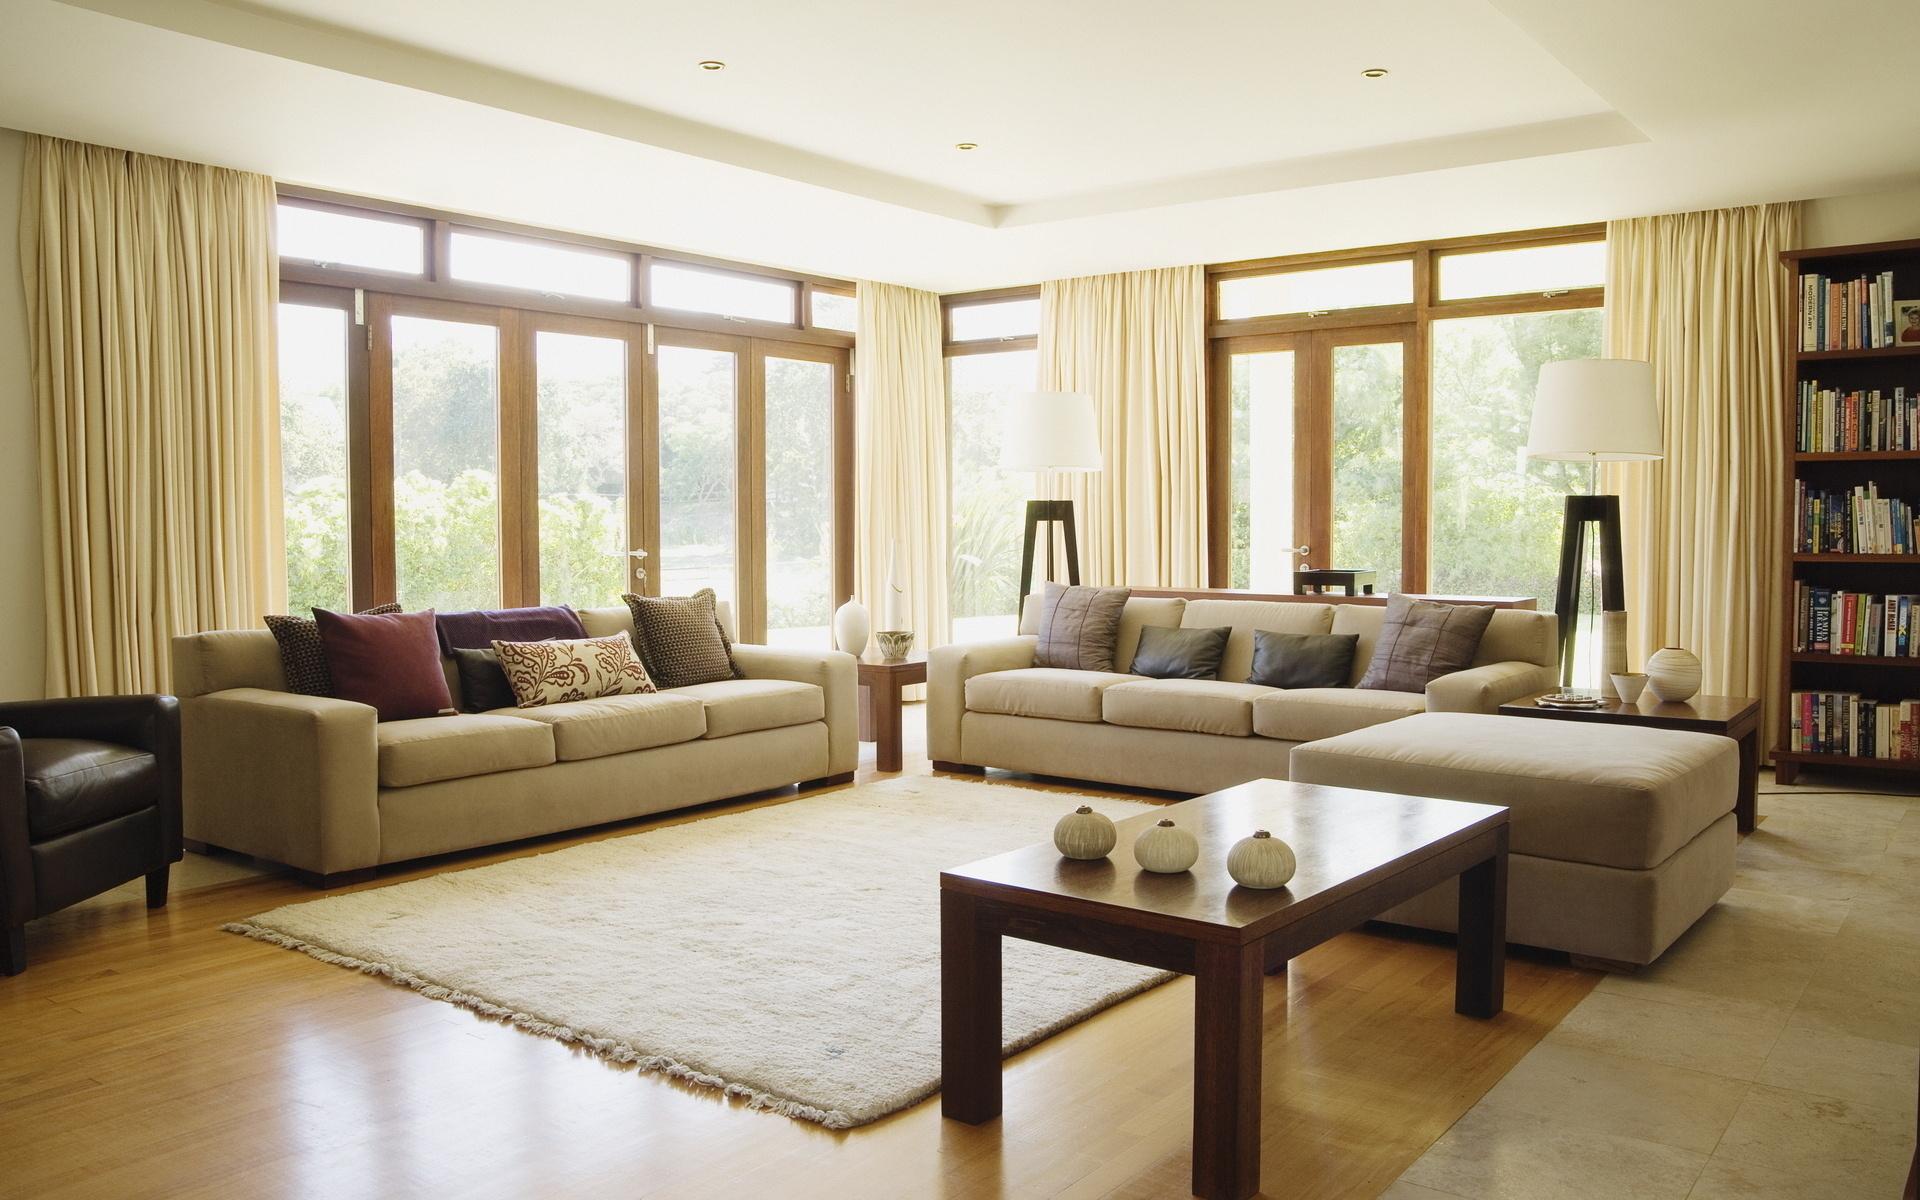 Хотя освещенность такого интерьера имеет первостепенное значение, люстры, тем не менее, встречаются в оформлении не часто. Предпочтительней монтировать точечные светильники в потолочные конструкции, располагать светодиодные ленты в скрытых панелях мебели,